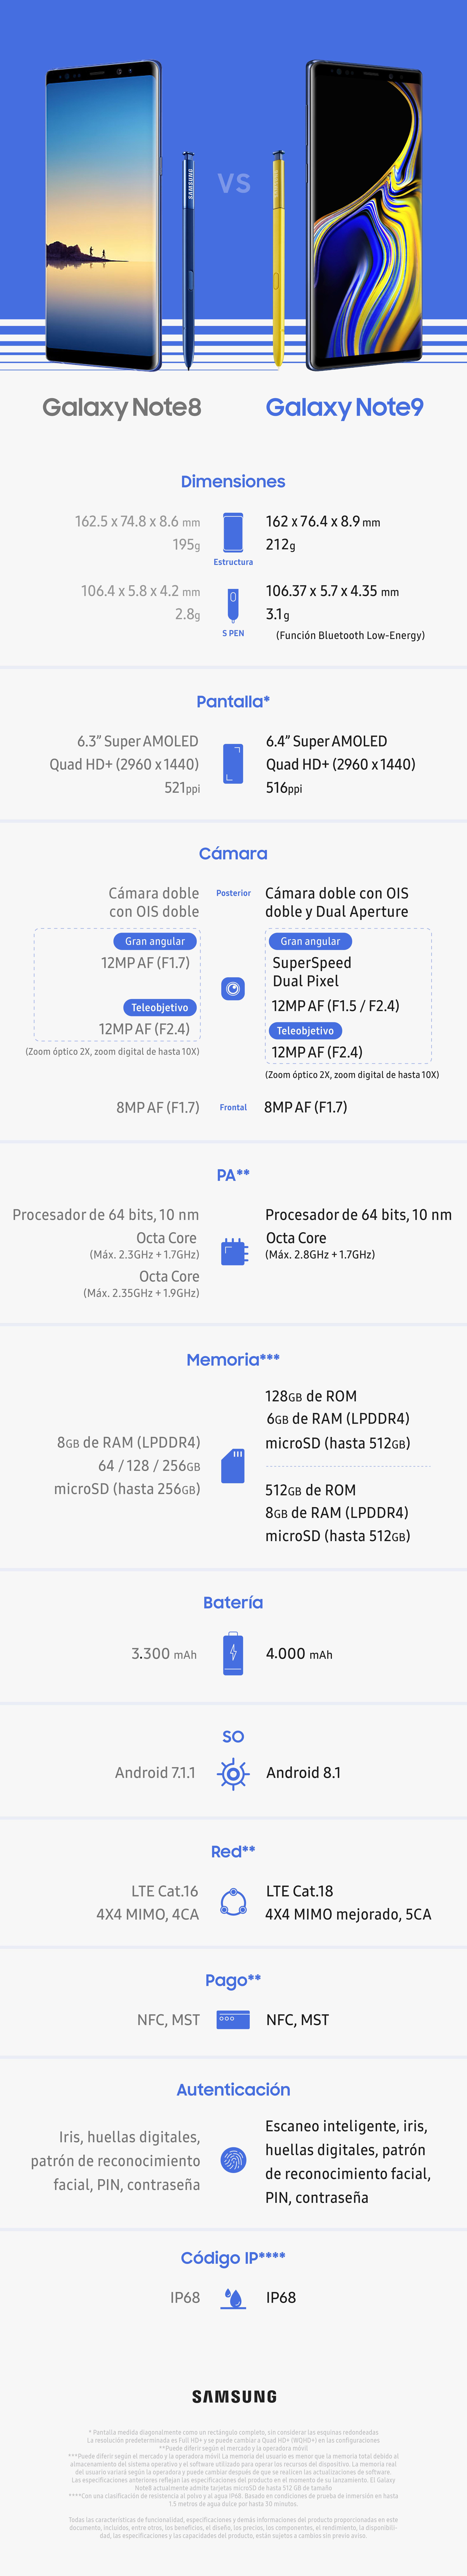 Infografía] Comparación de especificaciones: Galaxy Note9 vs